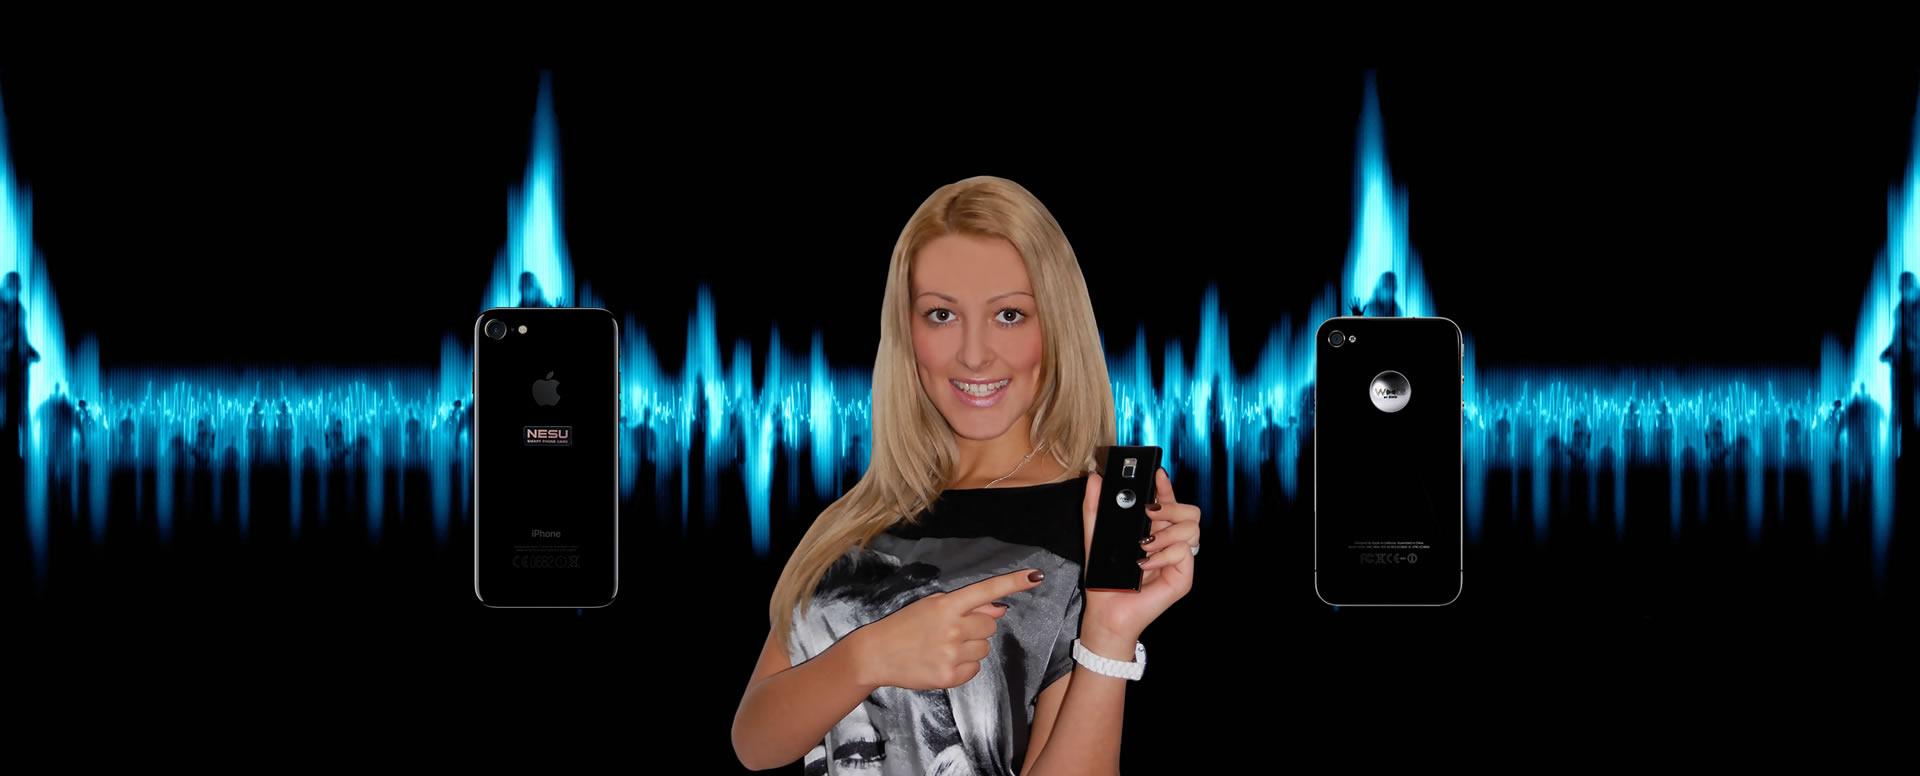 radiacion electromegnetica moviles y smartphones